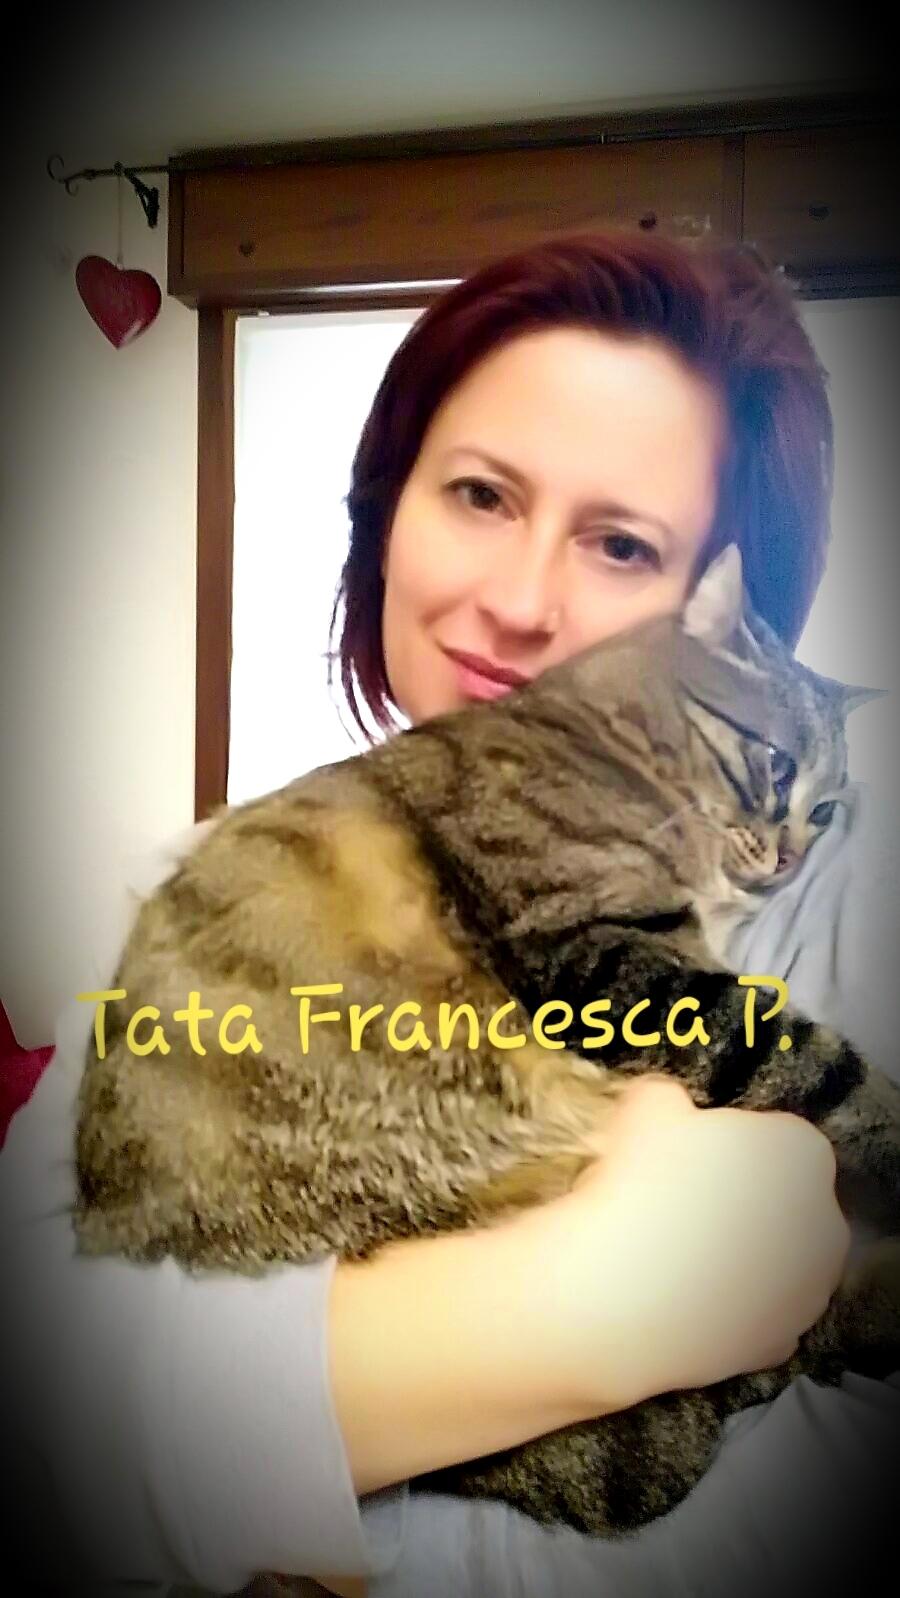 Tata Francesca P.